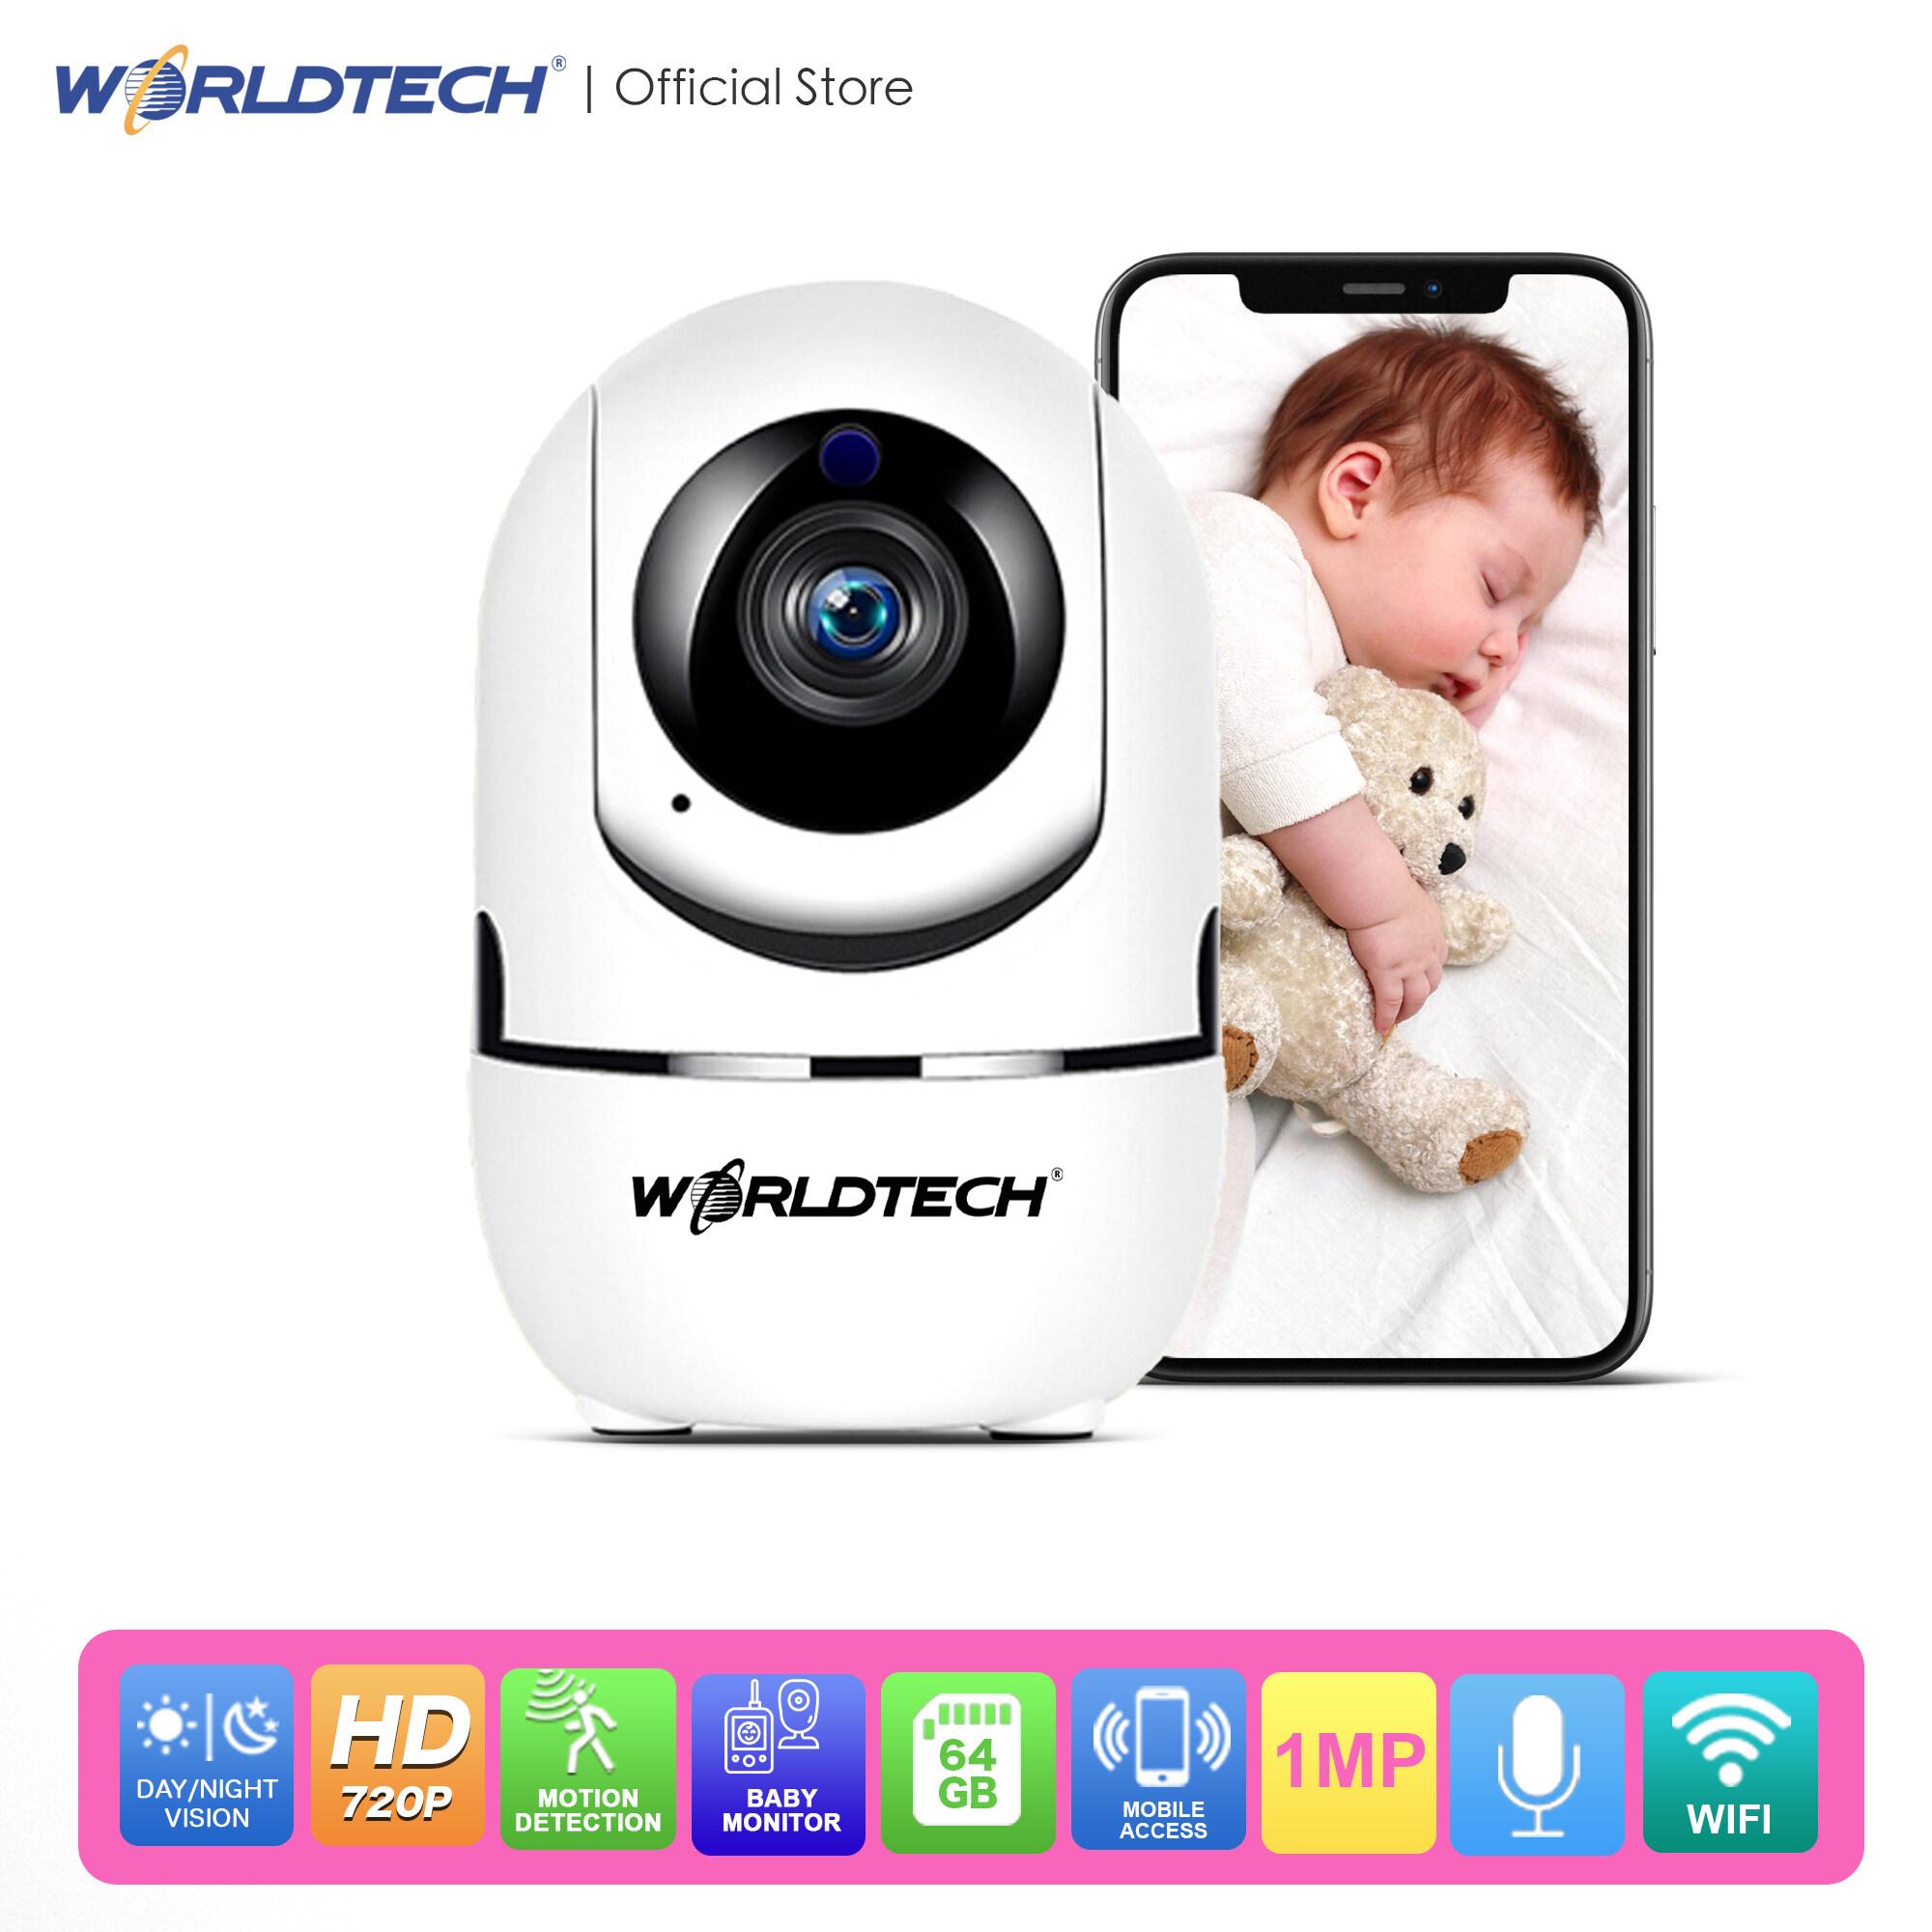 ซื้อที่ไหน Worldtech รุ่น WT-CCM010-720P-BM กล้องดูเด็ก Baby Monitor CCTV Robot HD 720p Wireless IP CAMERA ความชัด 1MP